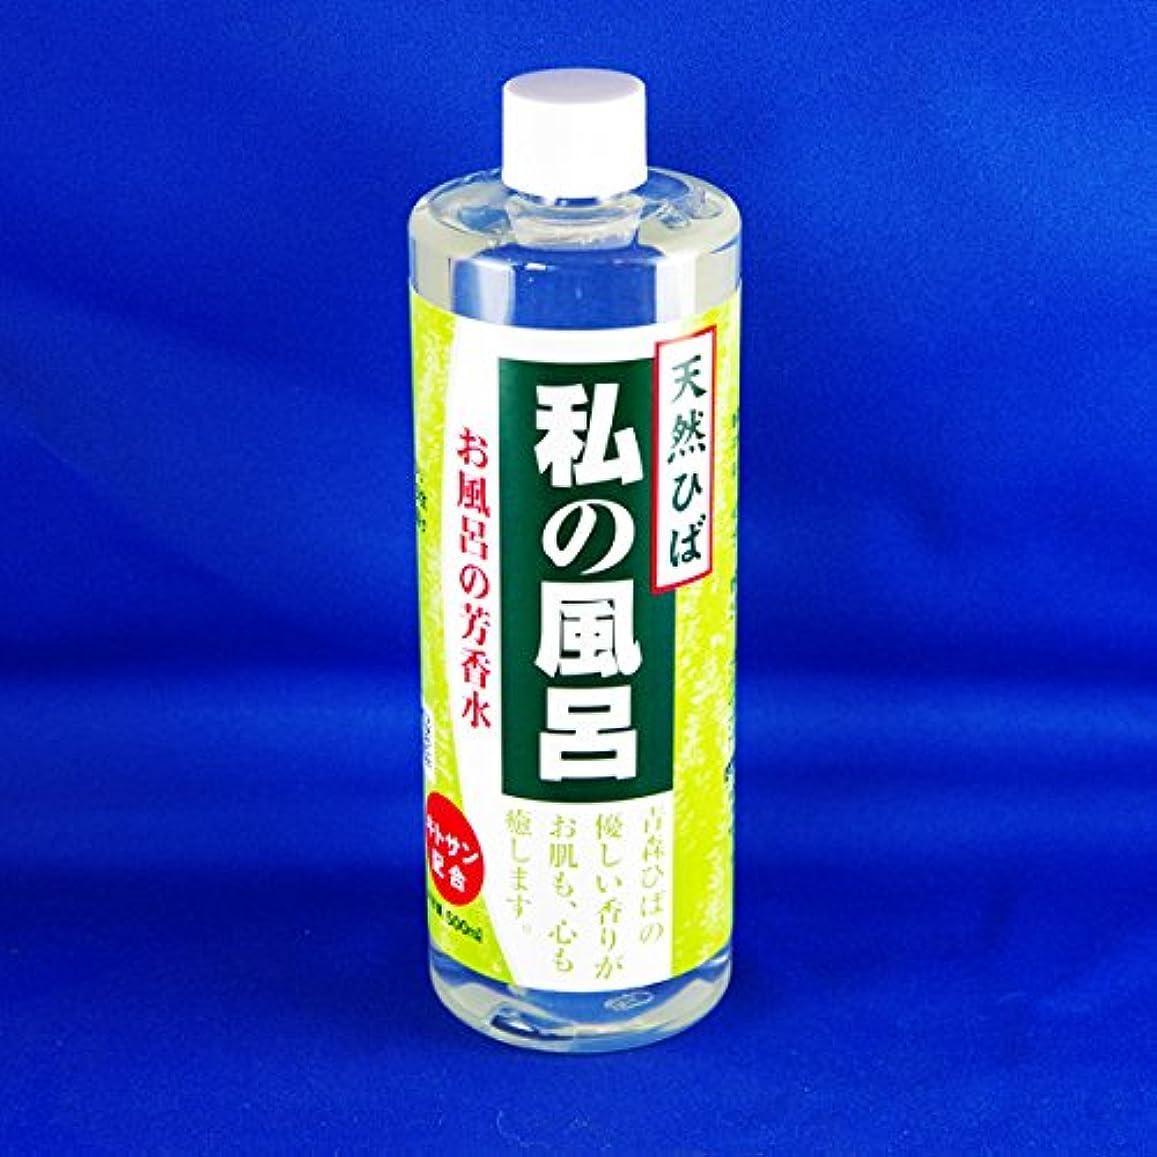 先のことを考える現象無傷【入浴剤】青森ひば 私の風呂 500ml(高分子キトサン配合)